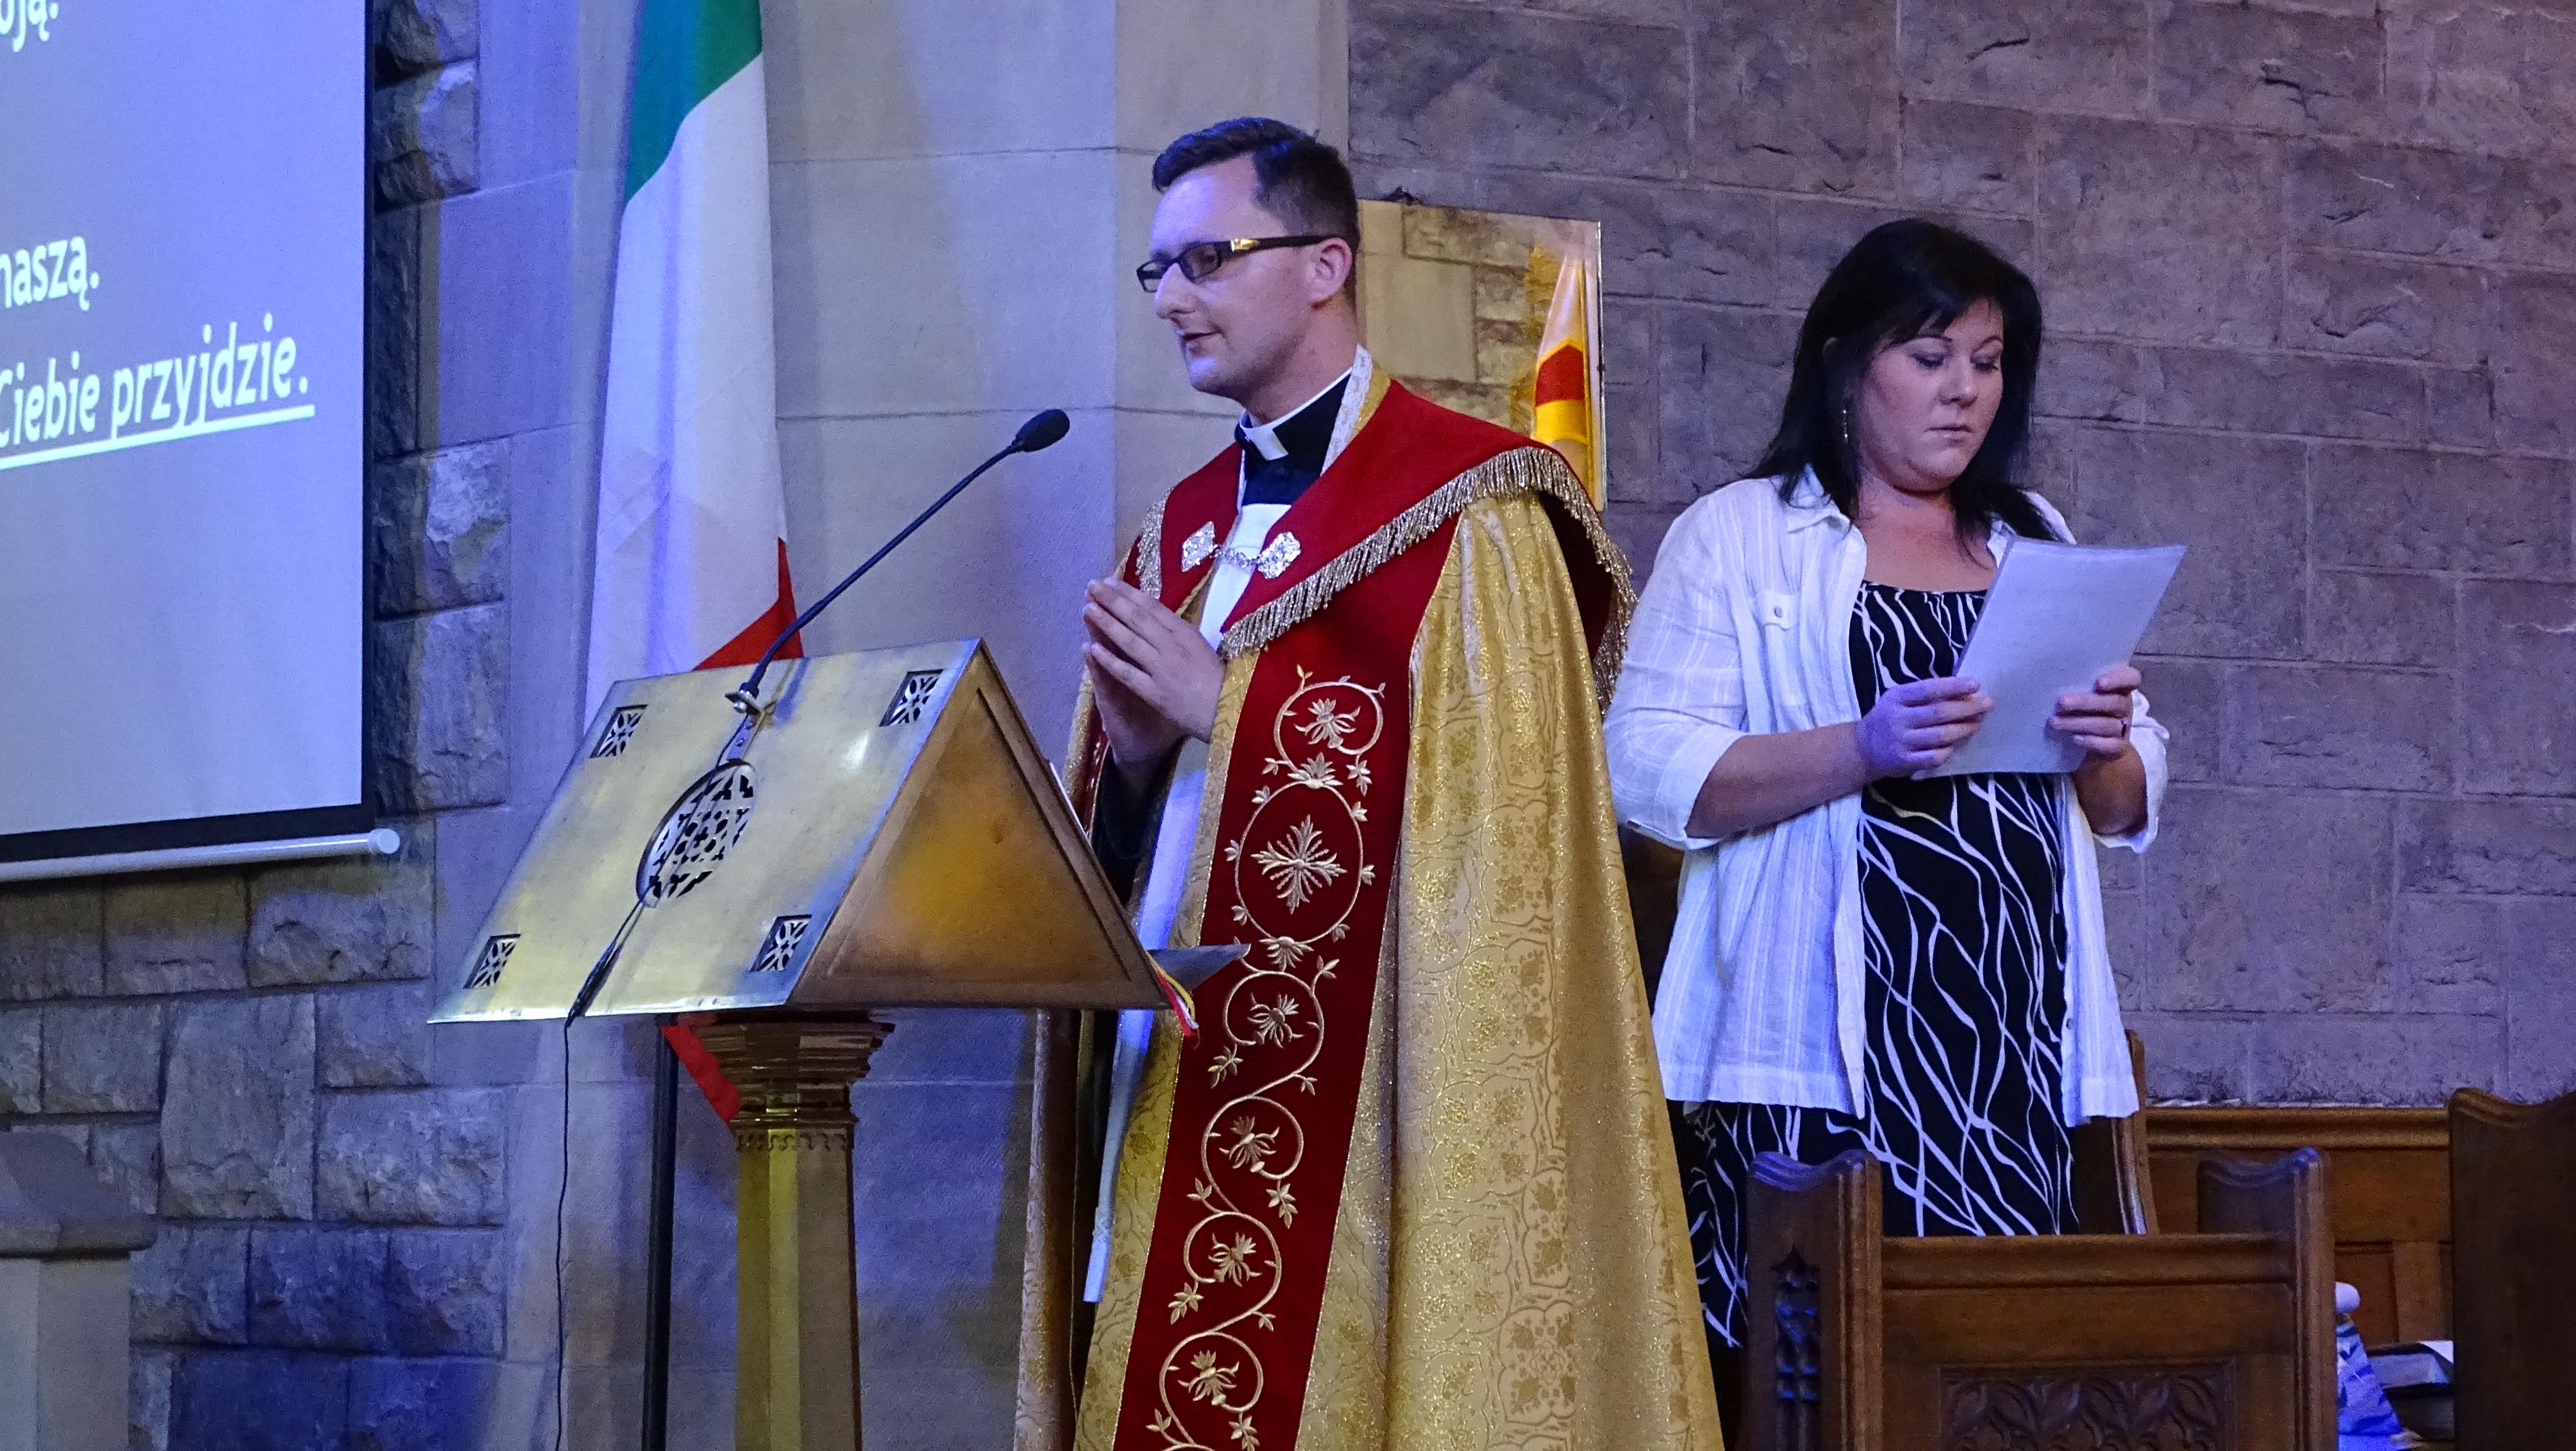 [:pl]Druga rocznica powstania Wspólnoty w Glasgow[:]